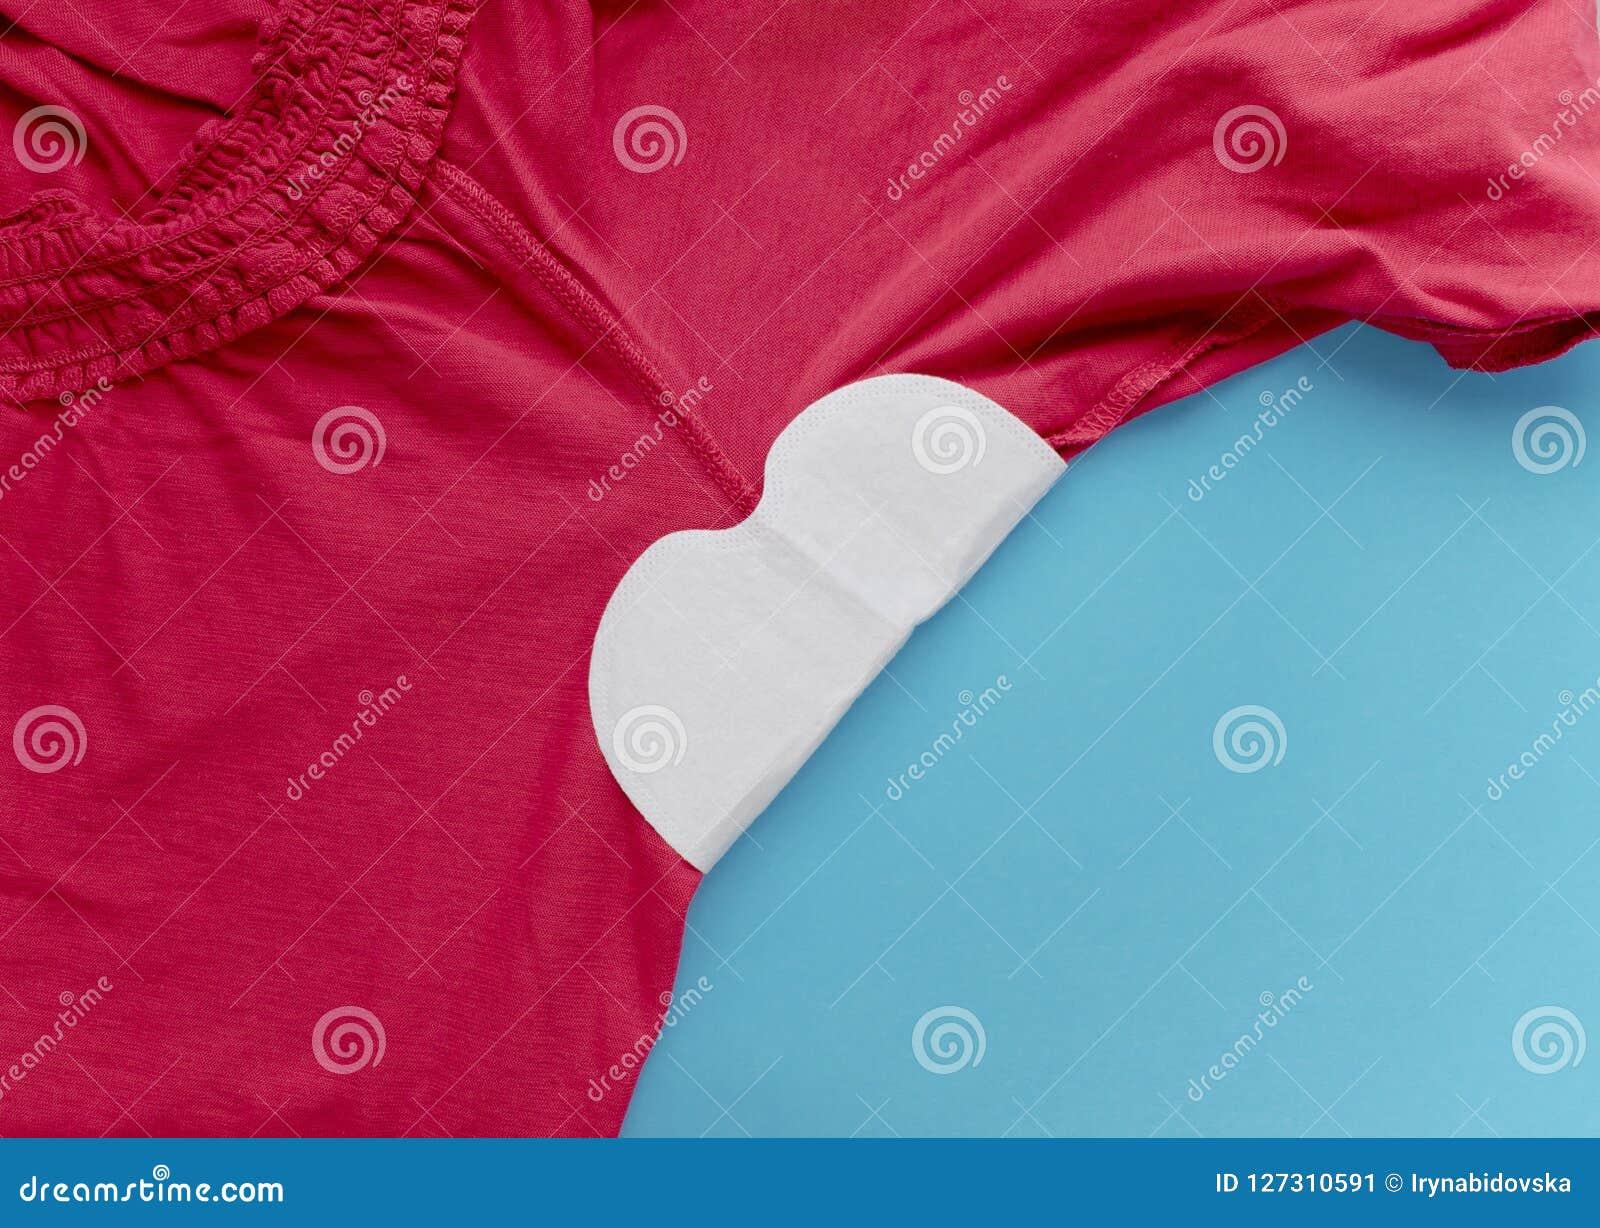 c5803c3454e5 Striscia da sudore allegato alle ascelle ai vestiti Come proteggere i  vestiti dal punto del sudore